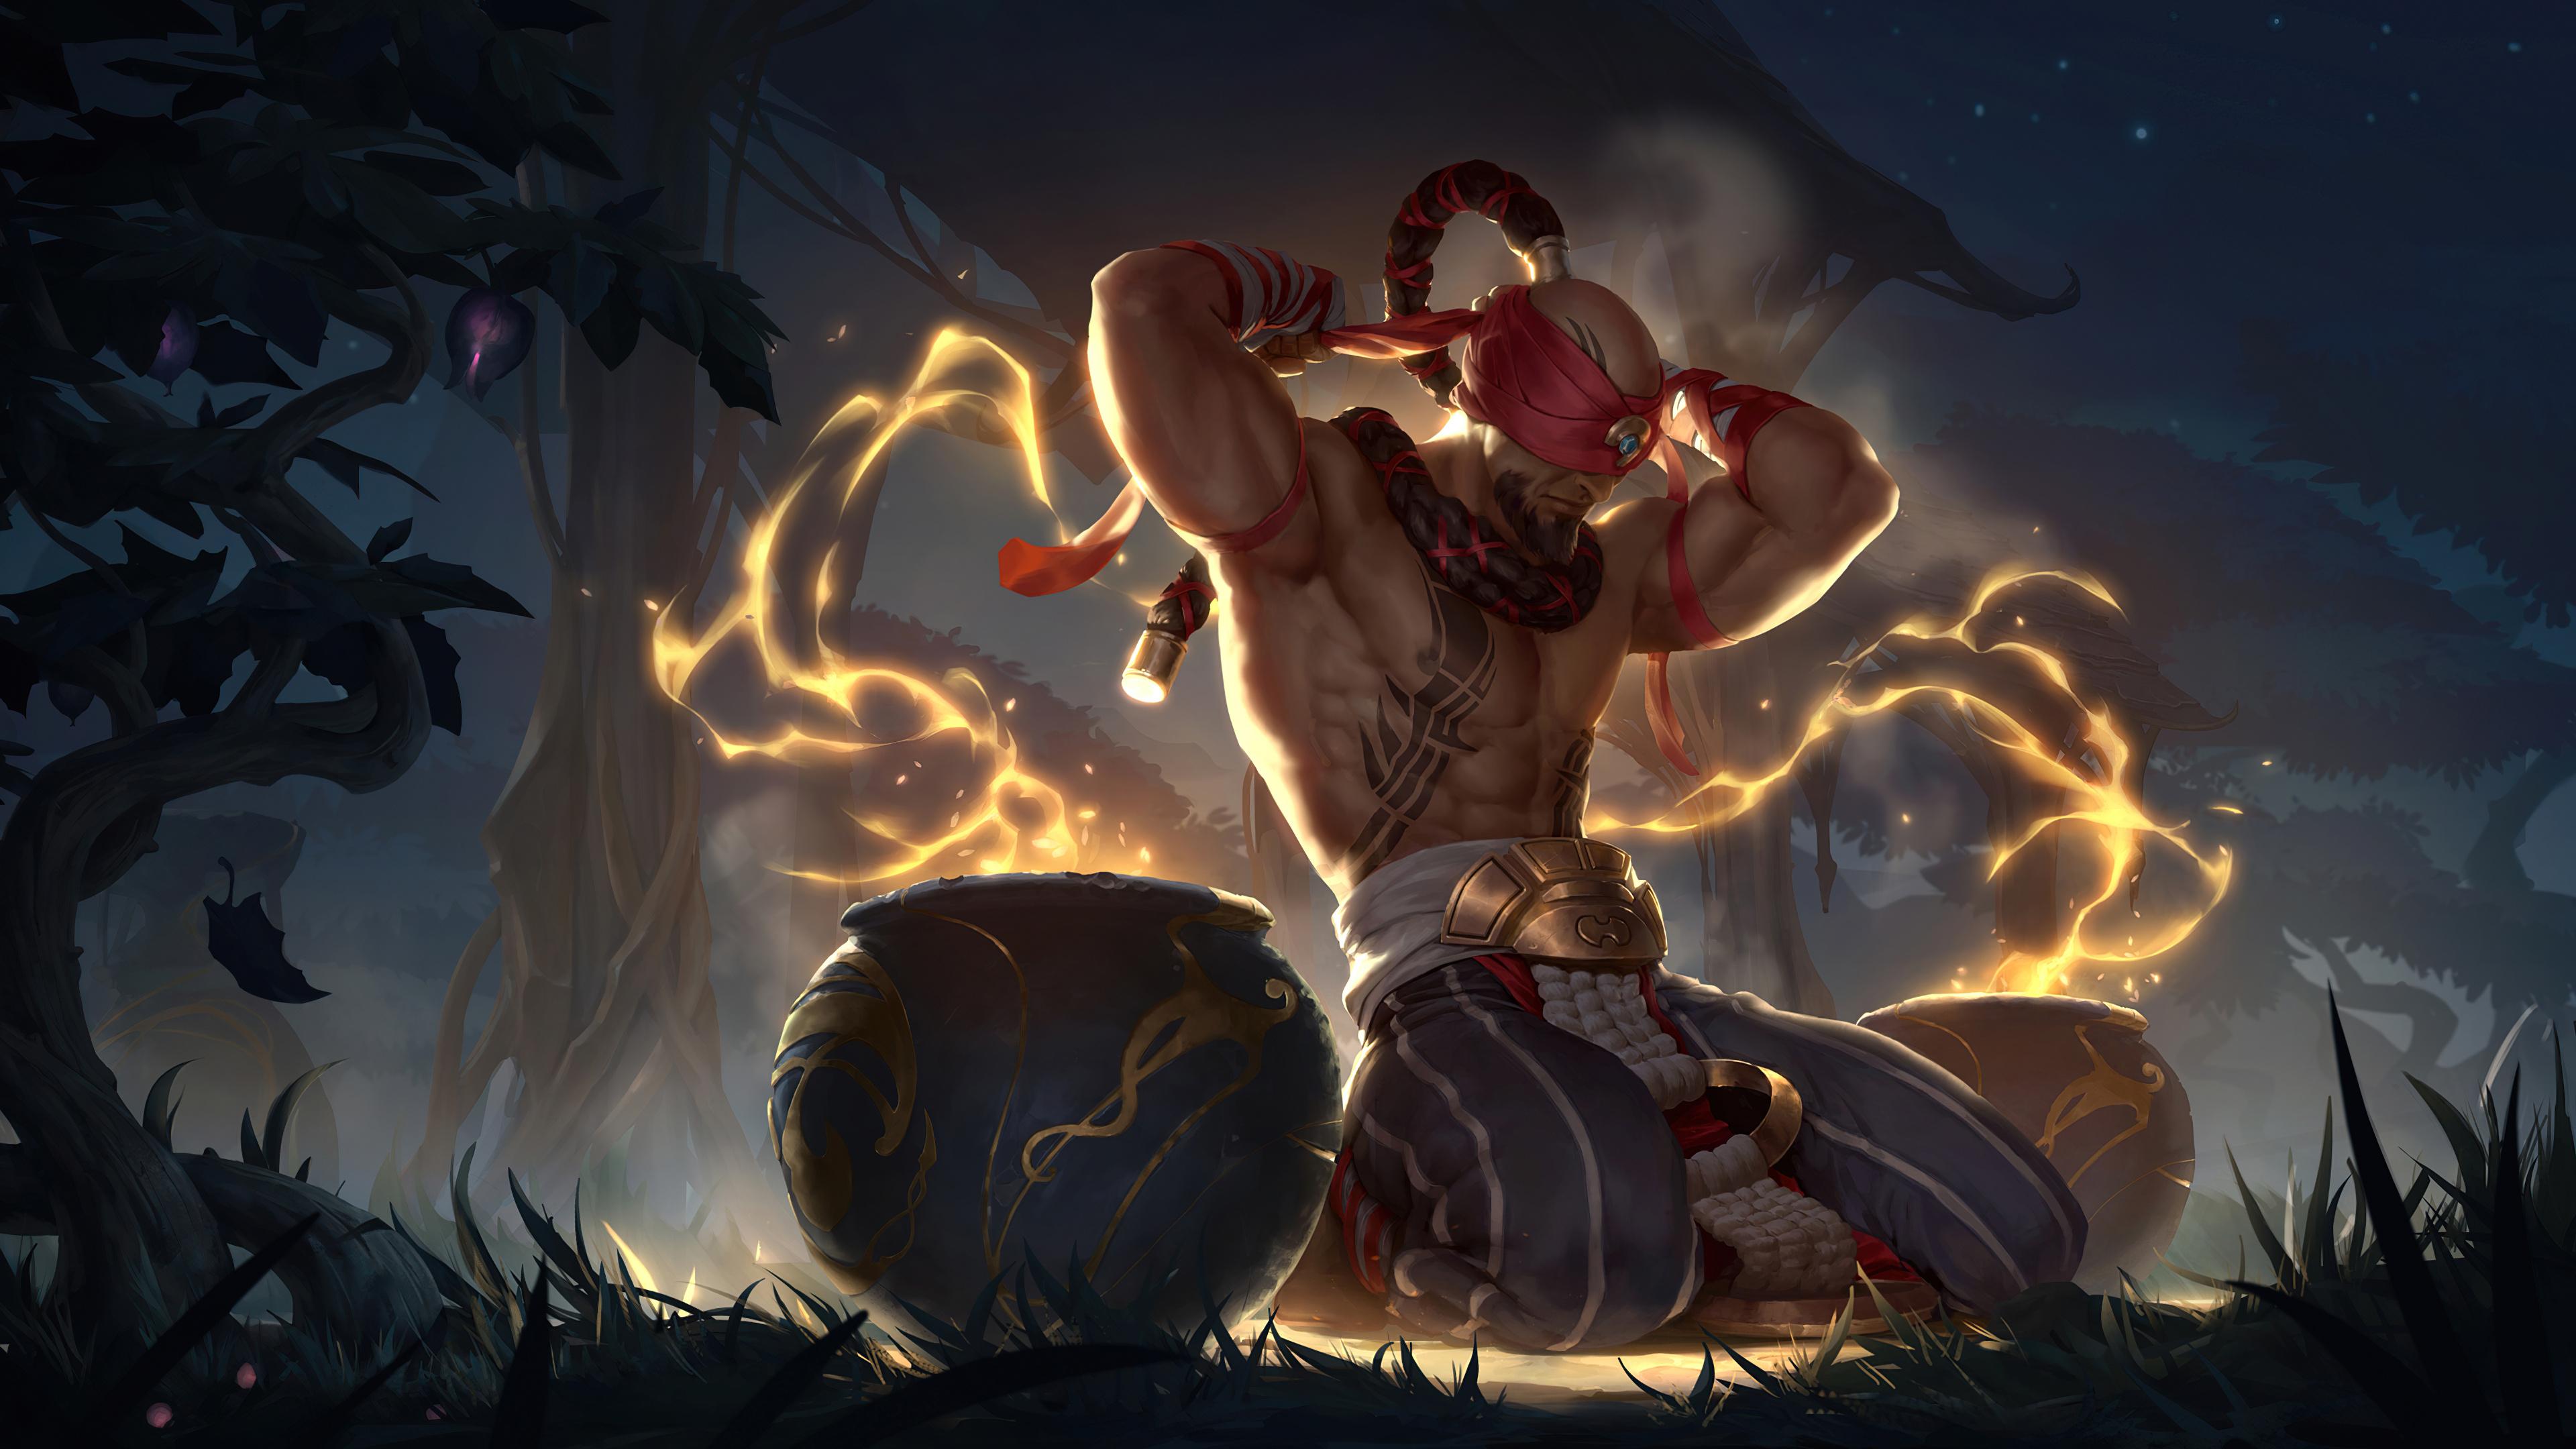 デスクトップ壁紙 Lee Sin Lee Sin League Of Legends Legends Of Runeterra ビデオゲーム 3840x2160 Tiner 121 デスクトップ壁紙 Wallhere